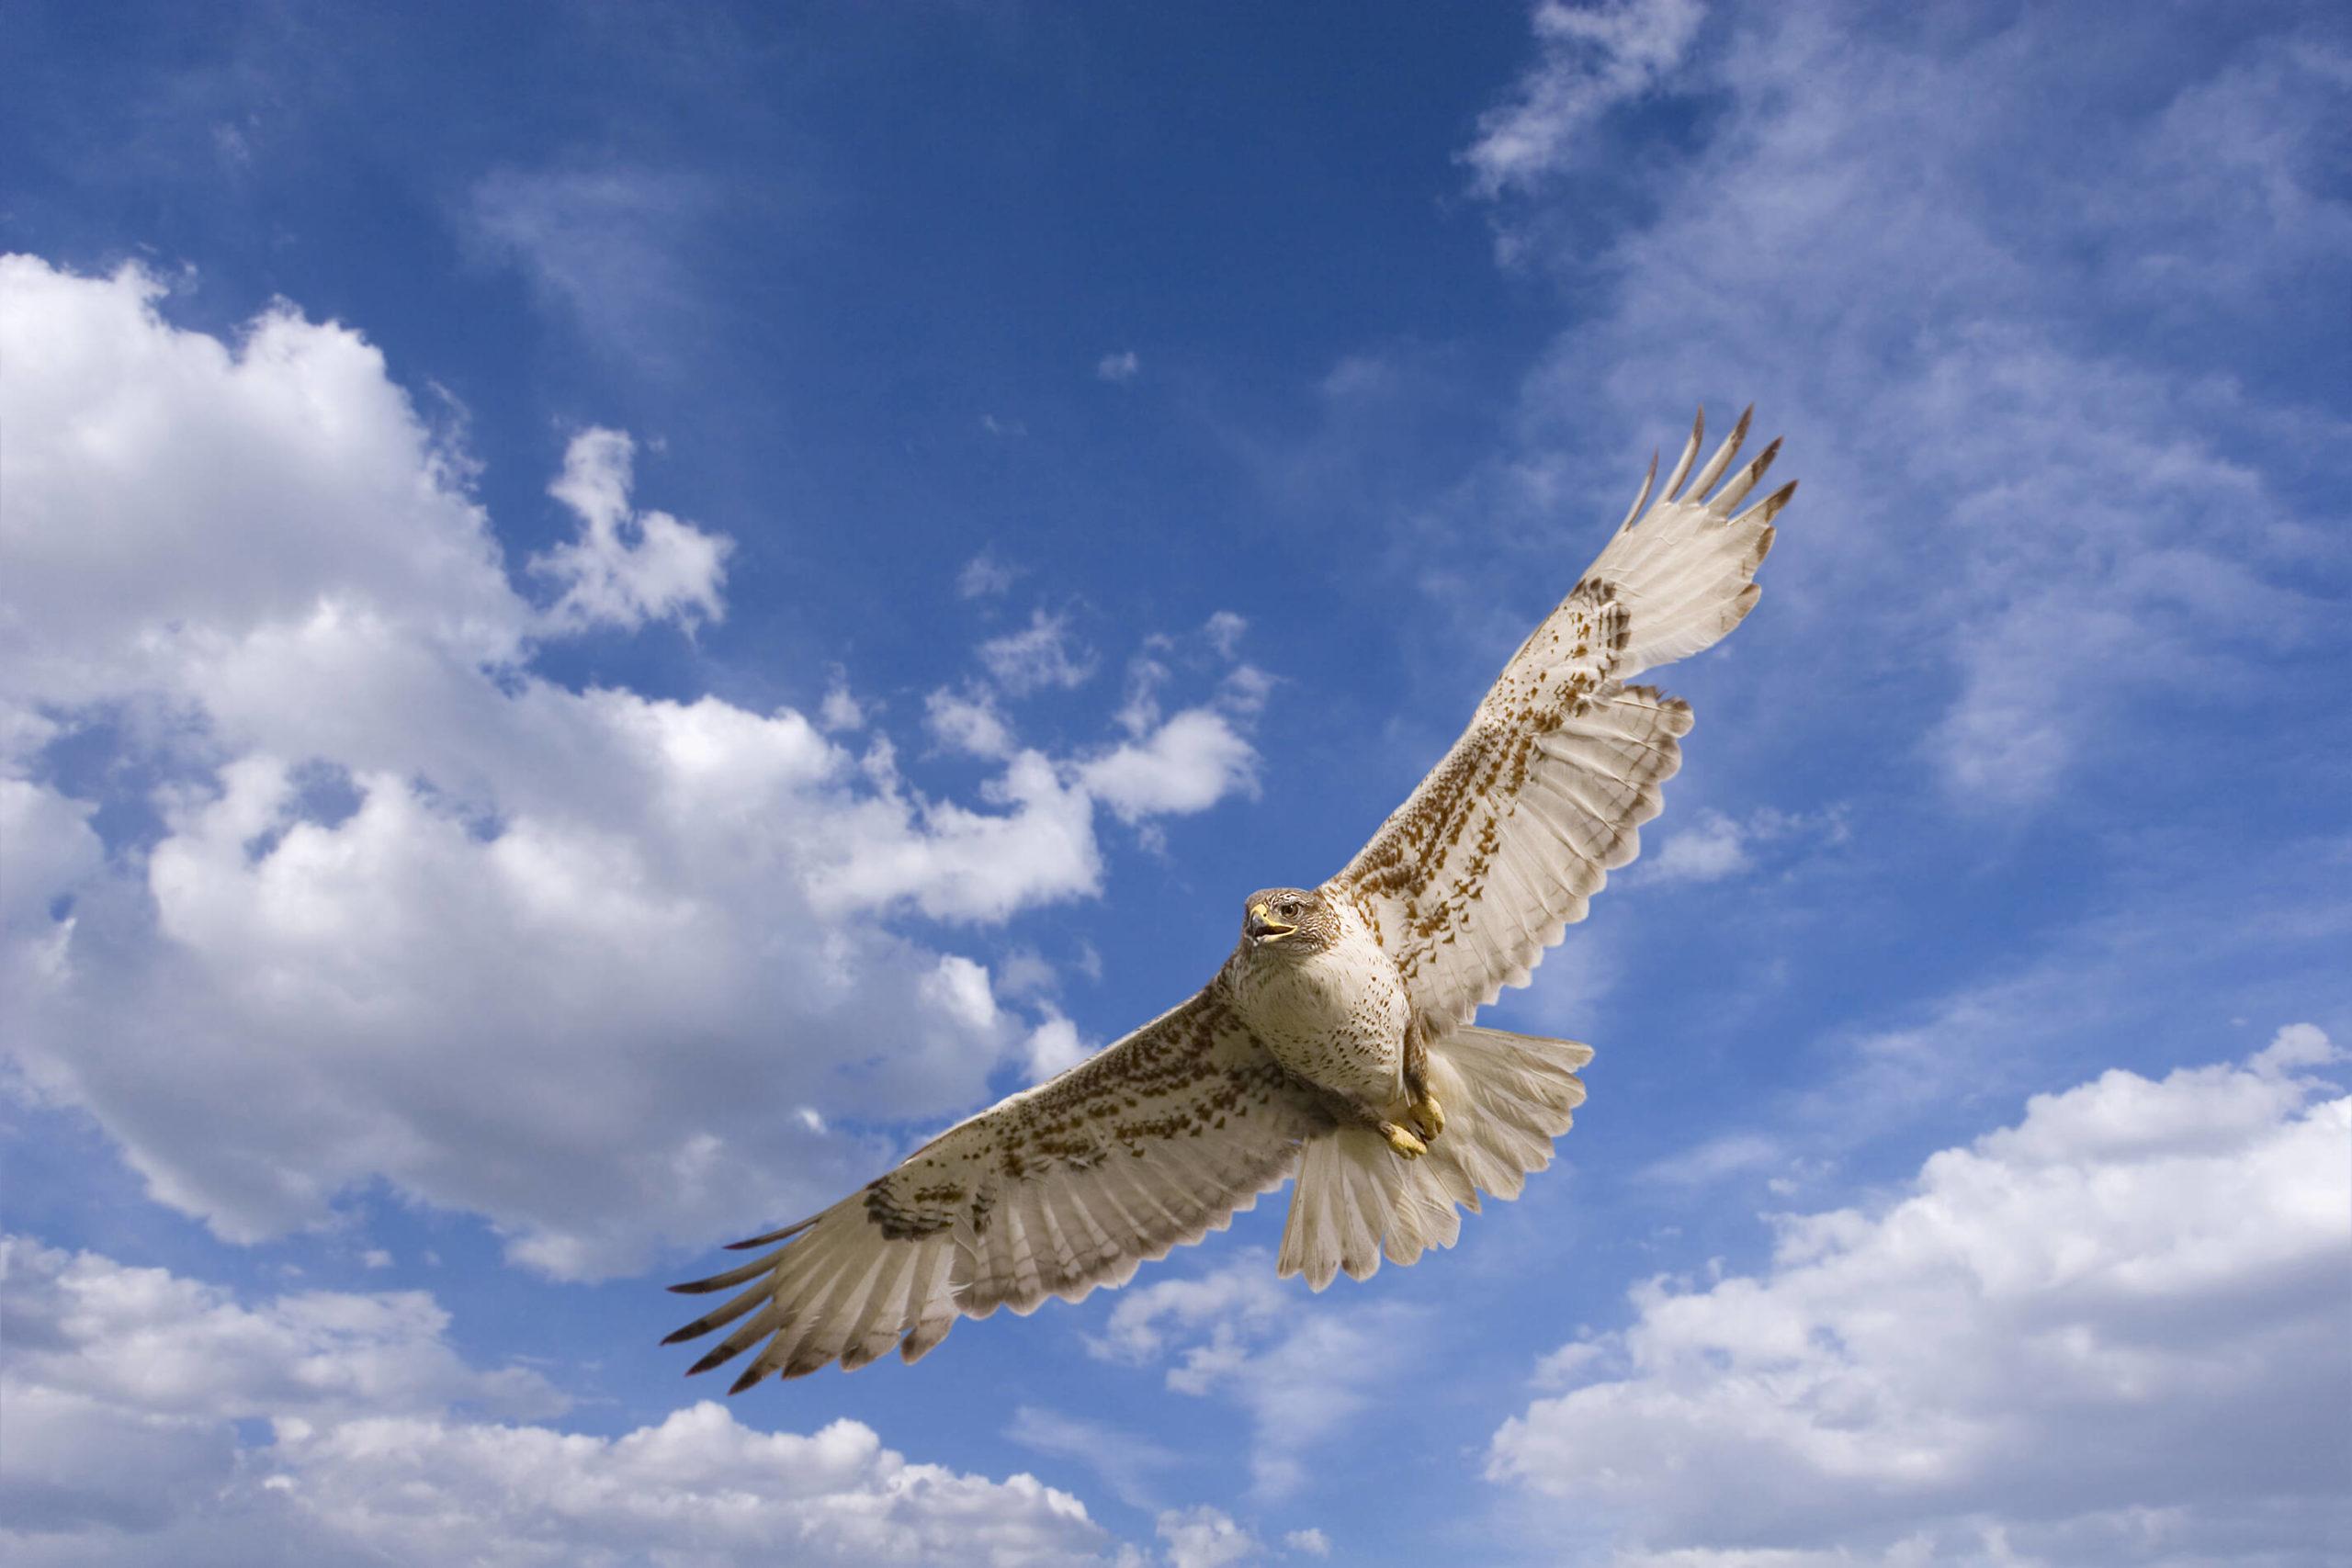 Auf dem Falkenhof Ravensberg kann man Greifvögel hautnah erleben und beim Jagen in der Luft beobachten.